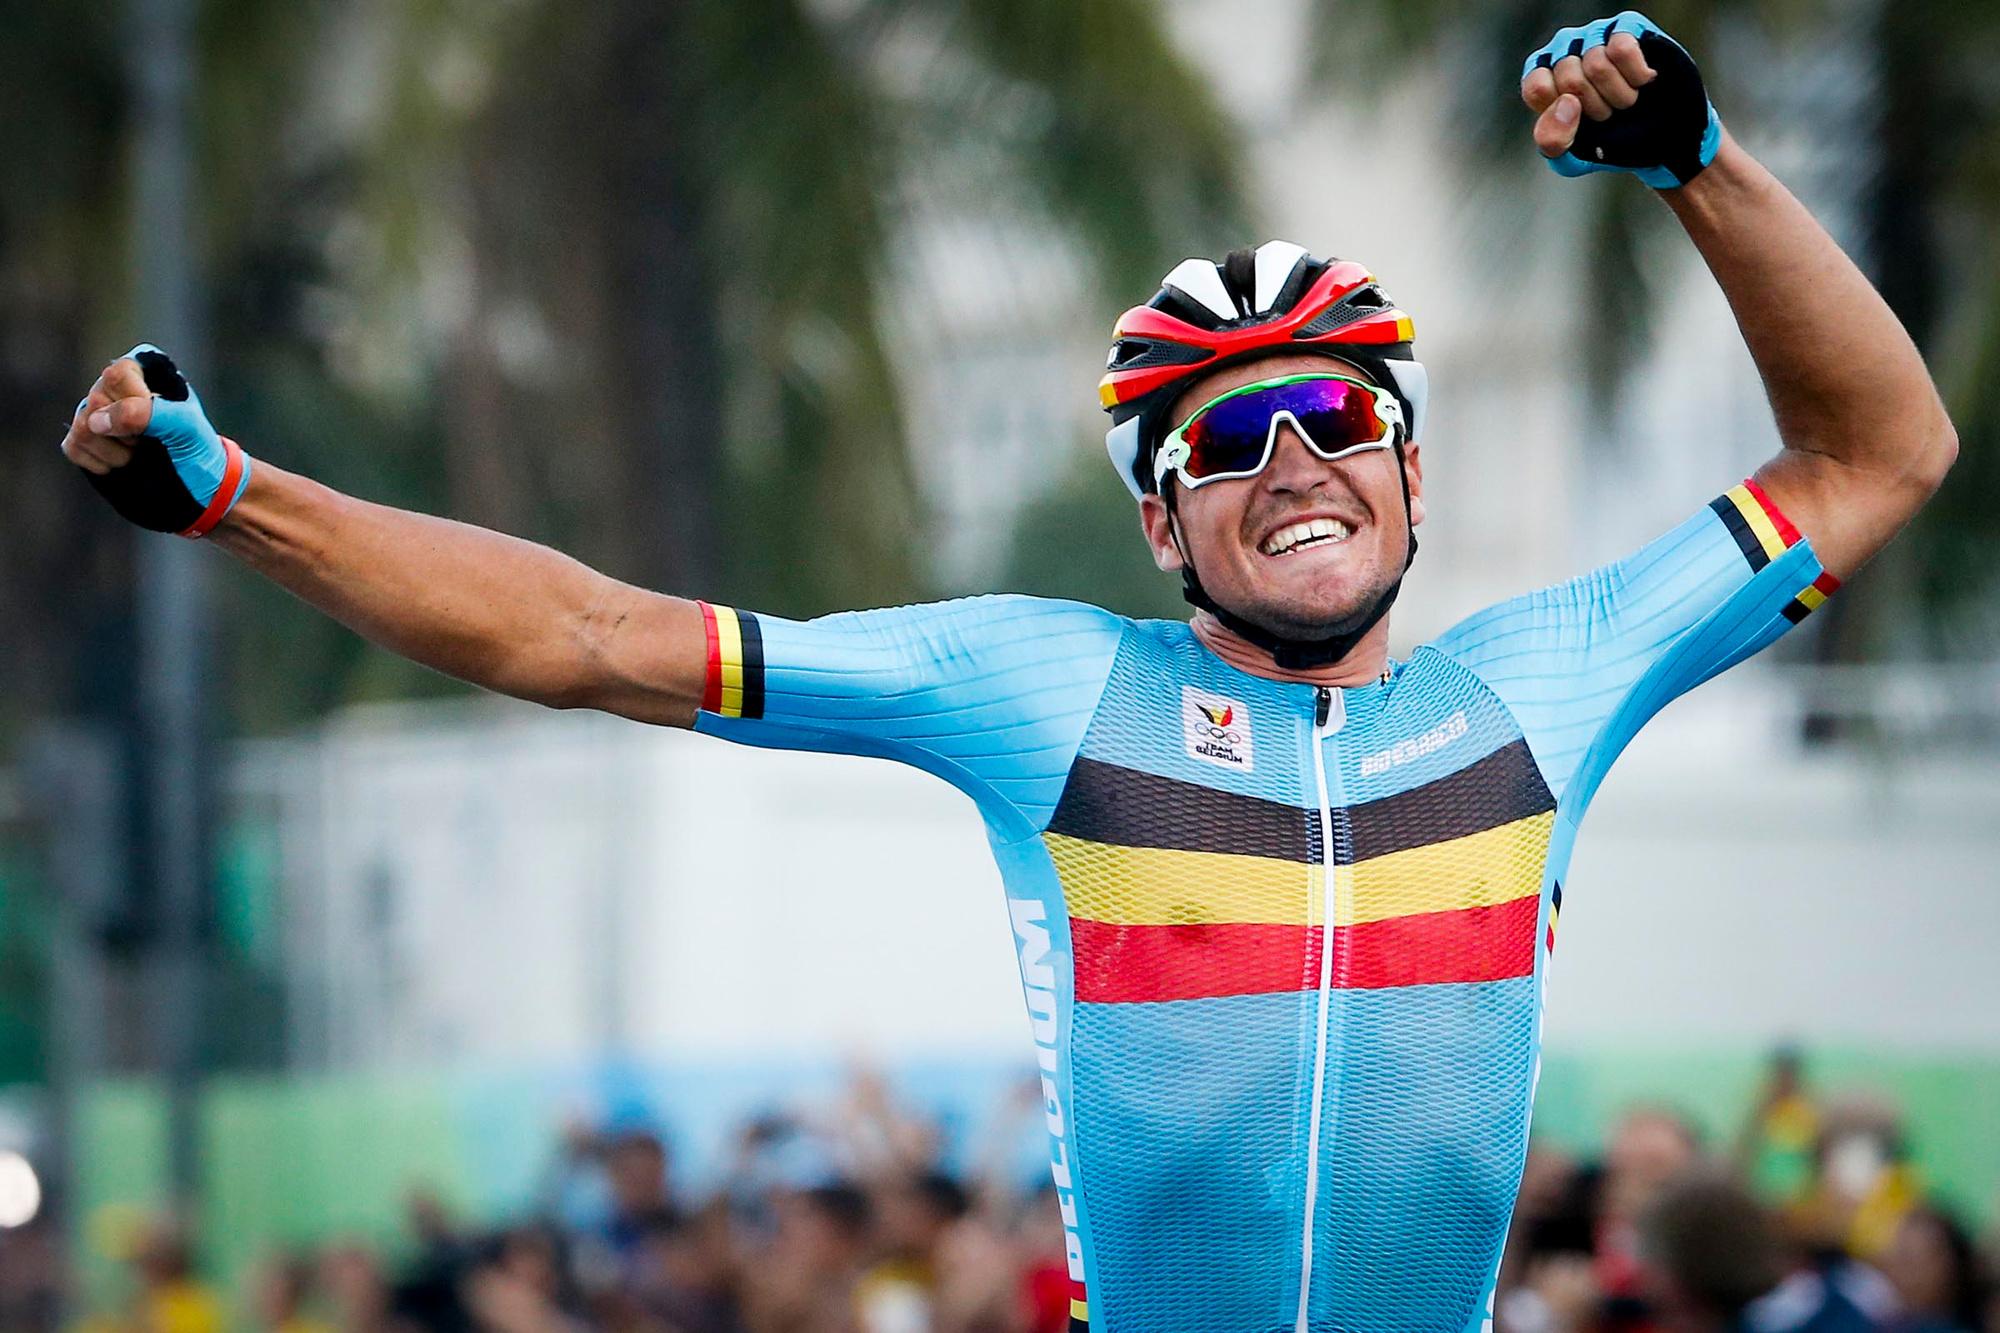 Van Avermaet en zijn gouden medaille op de Spelen in Rio, Belga Image